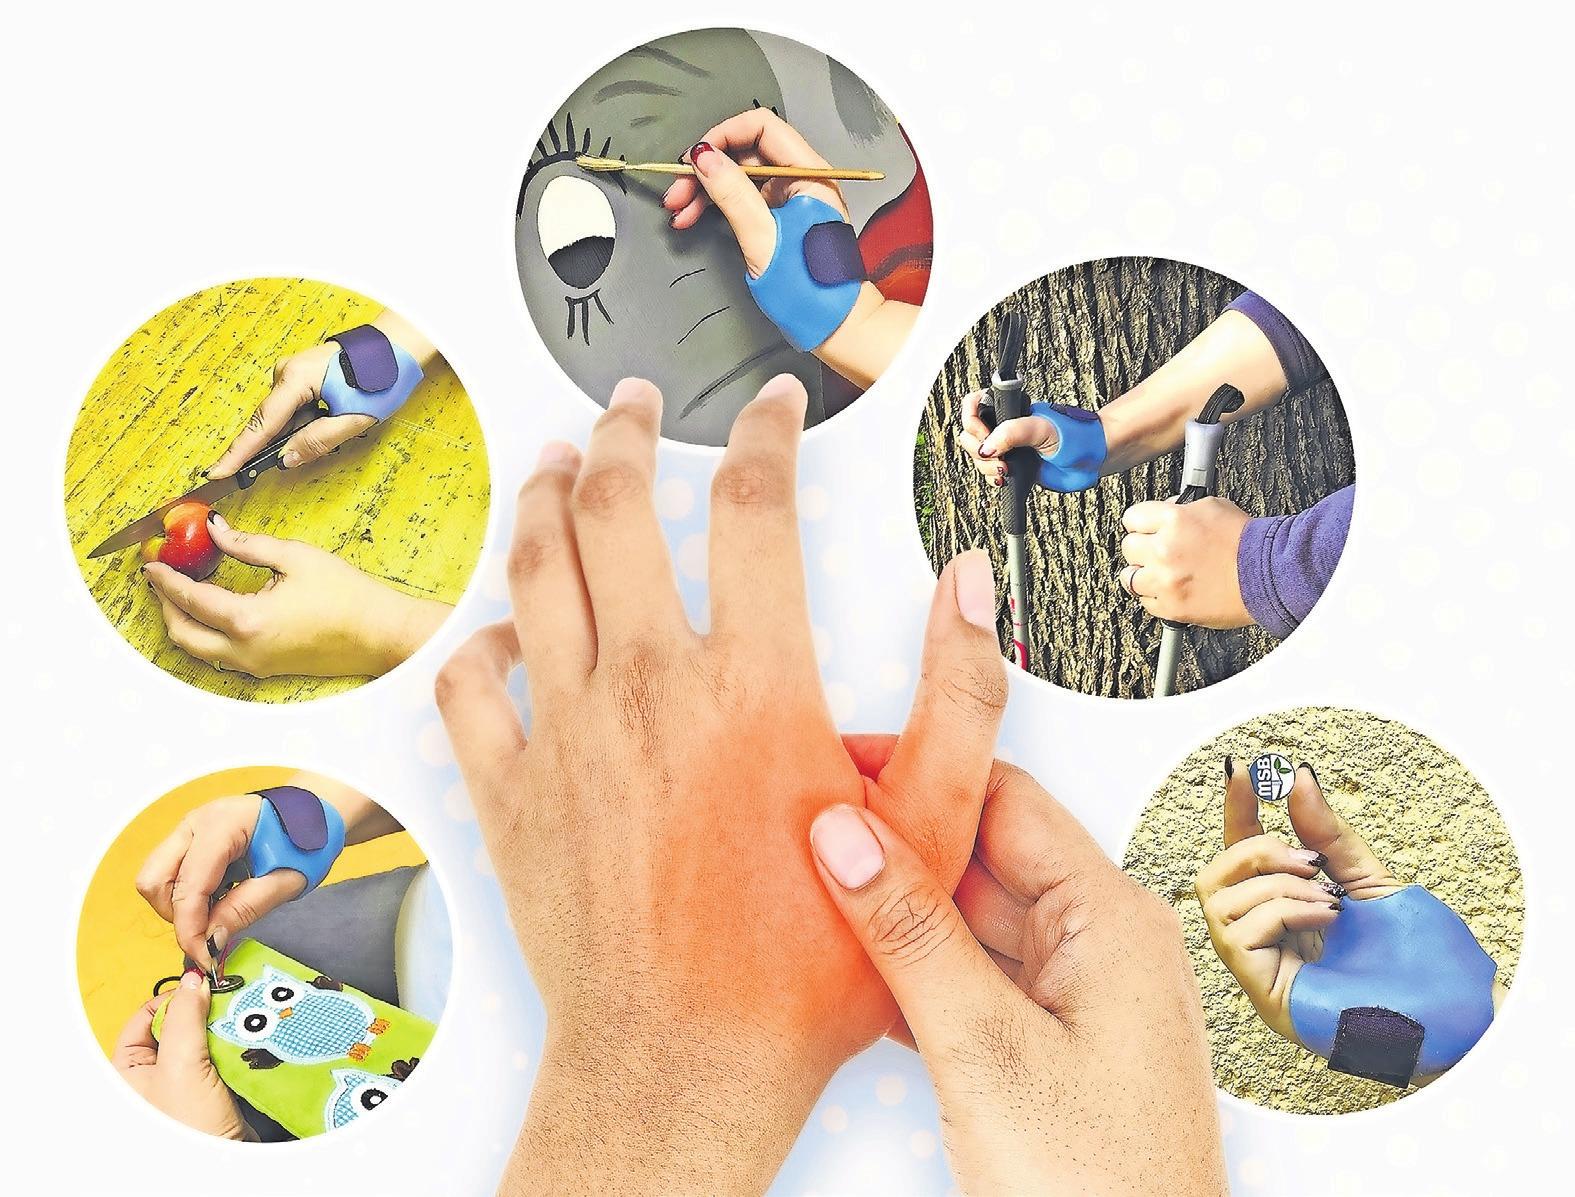 Schmerzen im Daumengelenk? Mit der neu entwickelten Orthese sind alltägliche Dinge wie Nähen, Schneiden, Malen und Greifen kein Problem mehr. Foto: MSB-Orthopädie-Technik